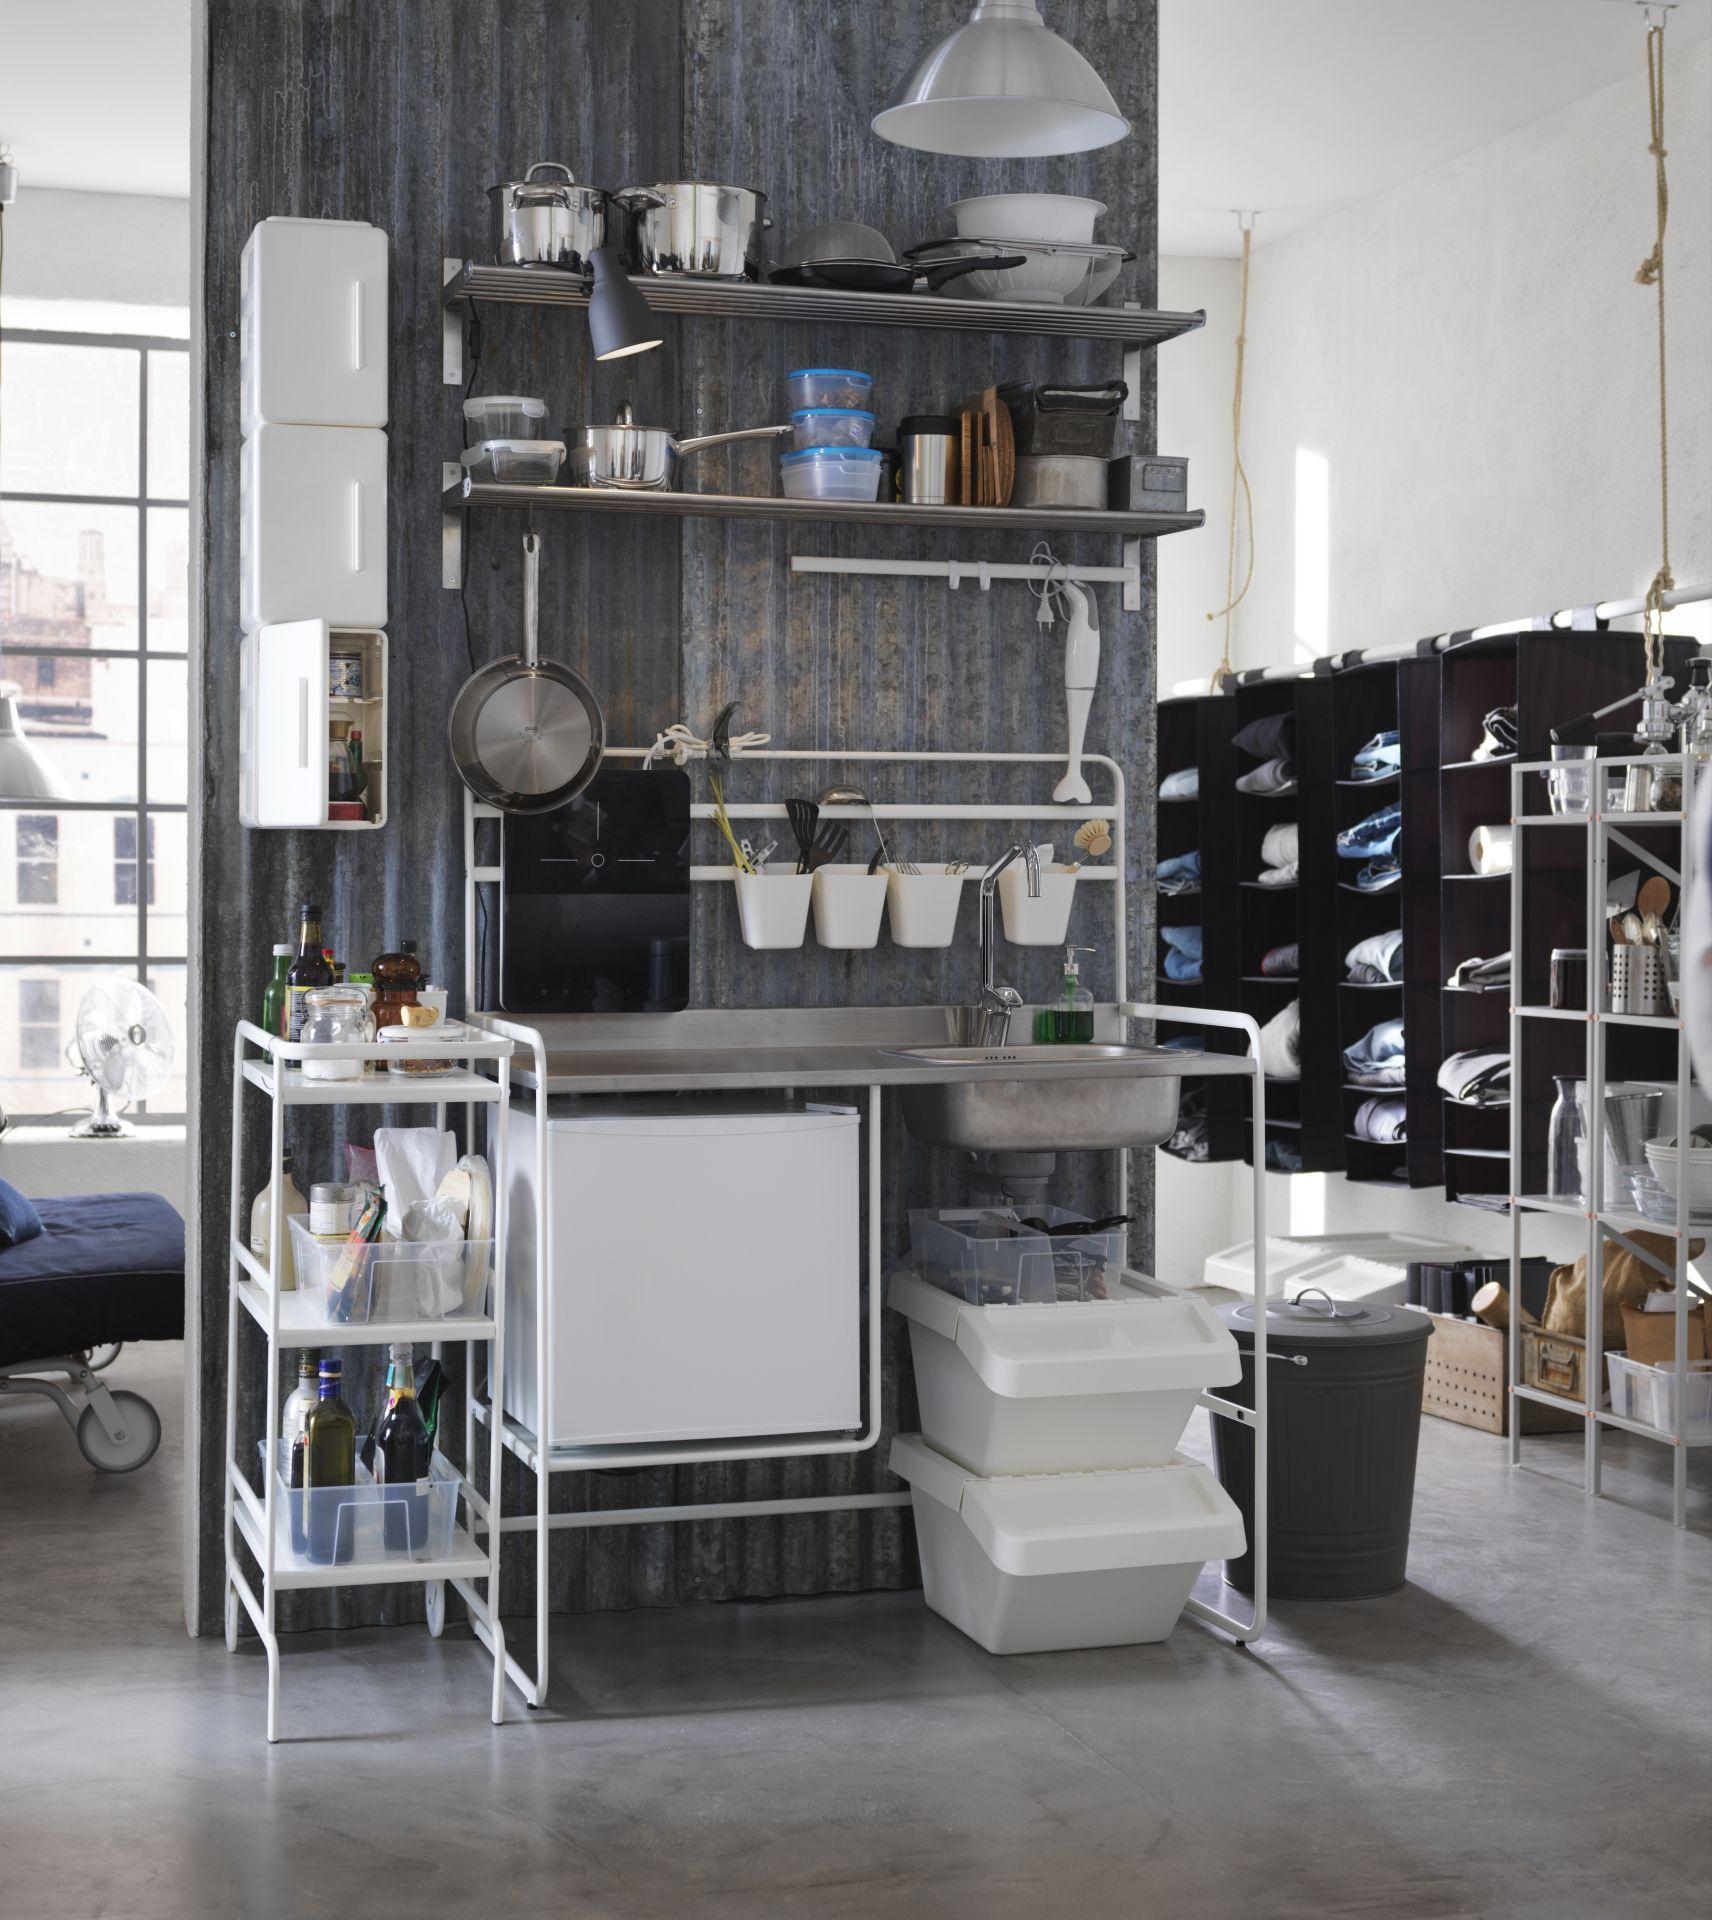 Full Size of Mbel Einrichtungsideen Fr Dein Zuhause Kche Gestalten Küche Kaufen Ikea Modulküche Kosten Sofa Mit Schlaffunktion Betten Bei Miniküche 160x200 Wohnzimmer Ikea Miniküchen